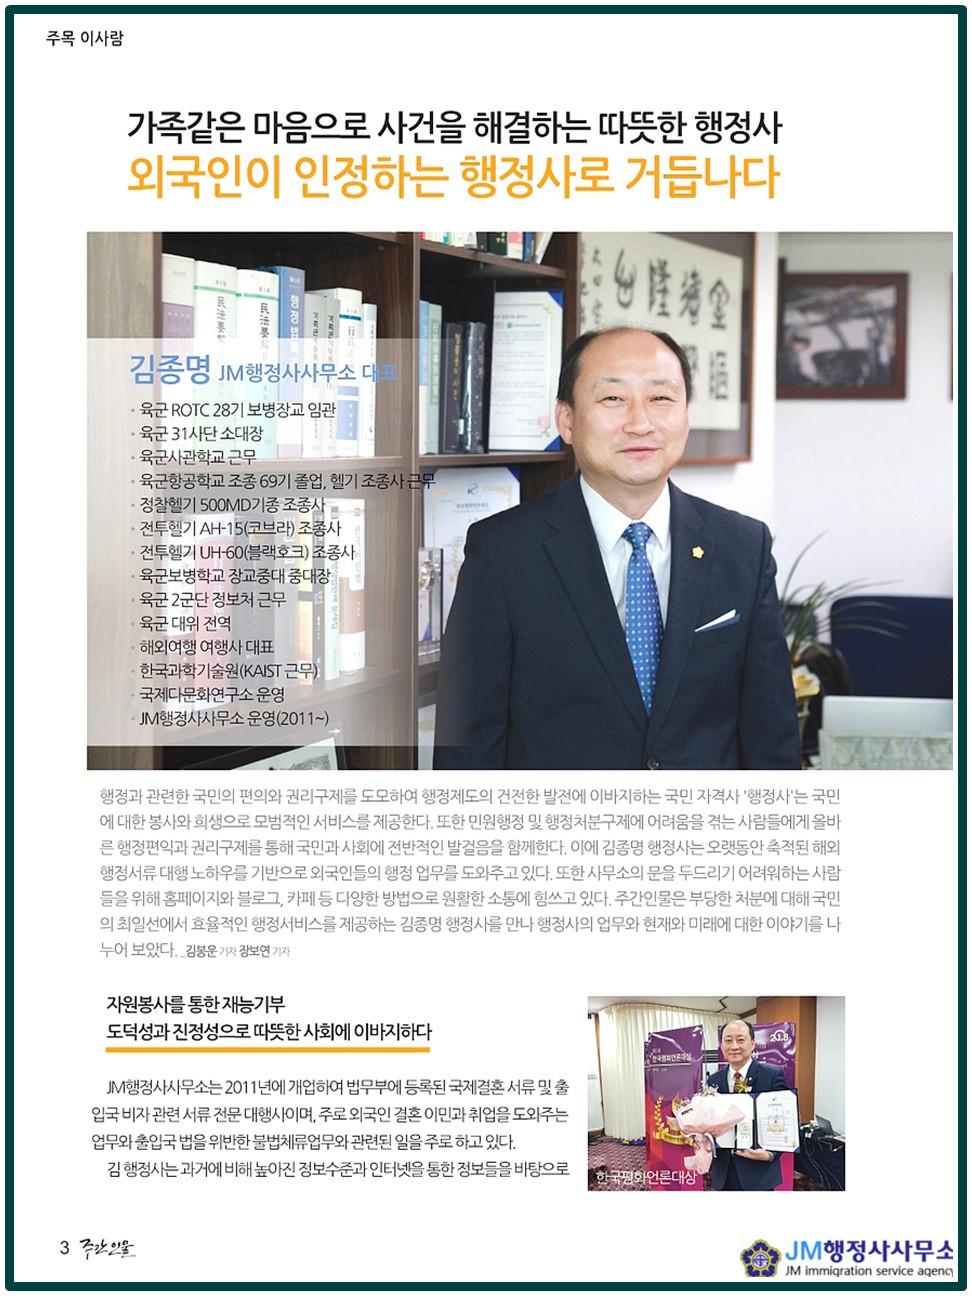 주간인물 JM행정사사무소